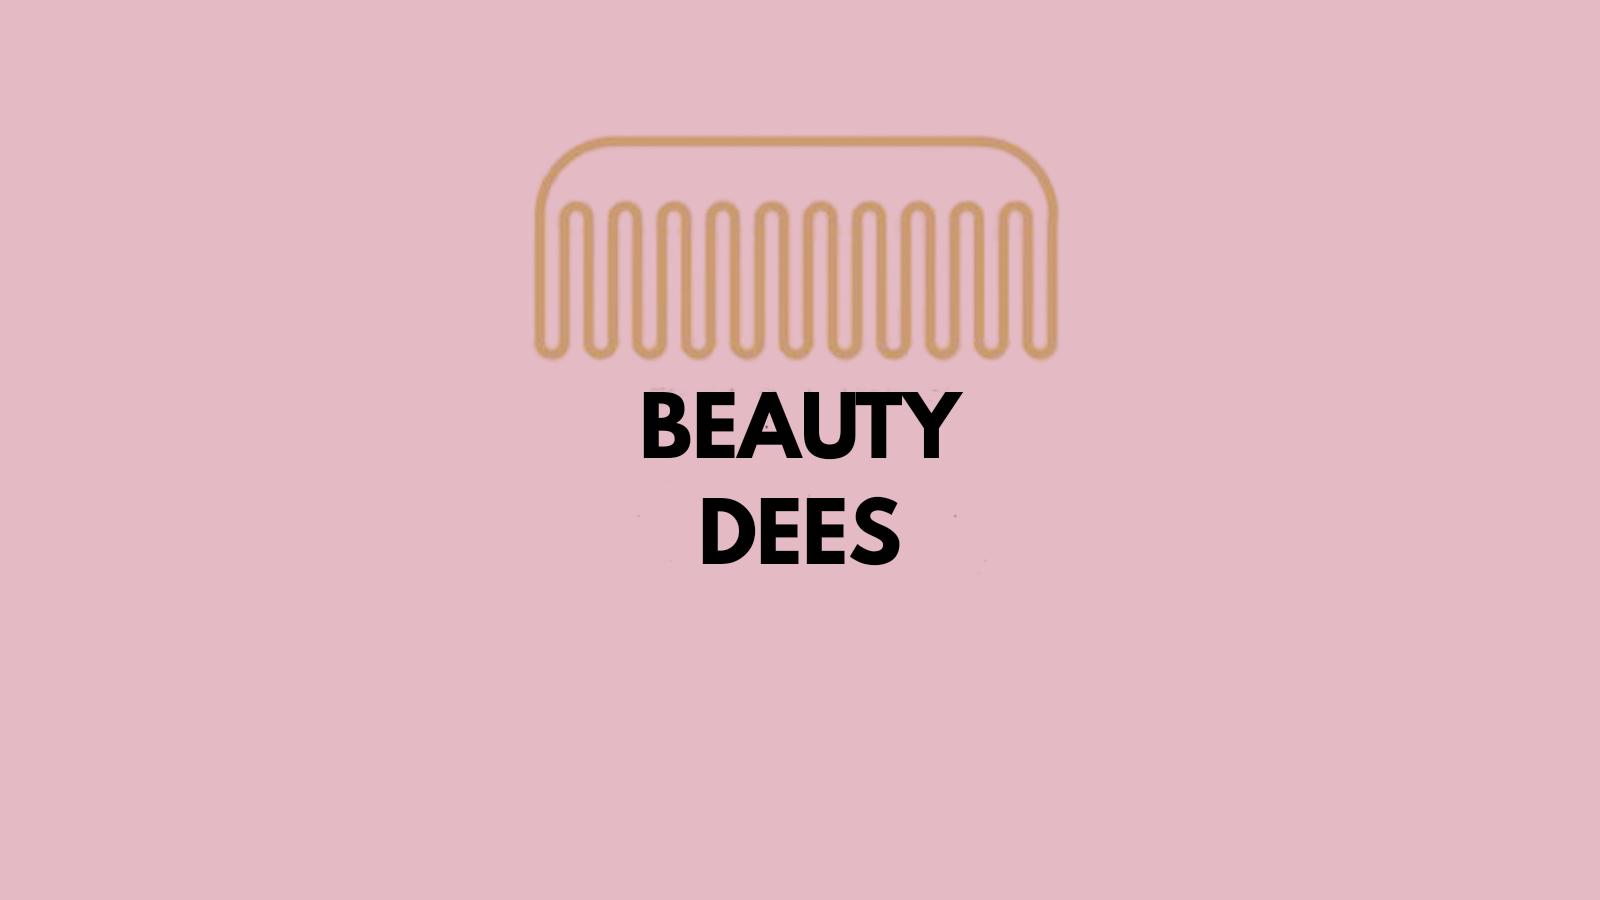 beauty Dees world